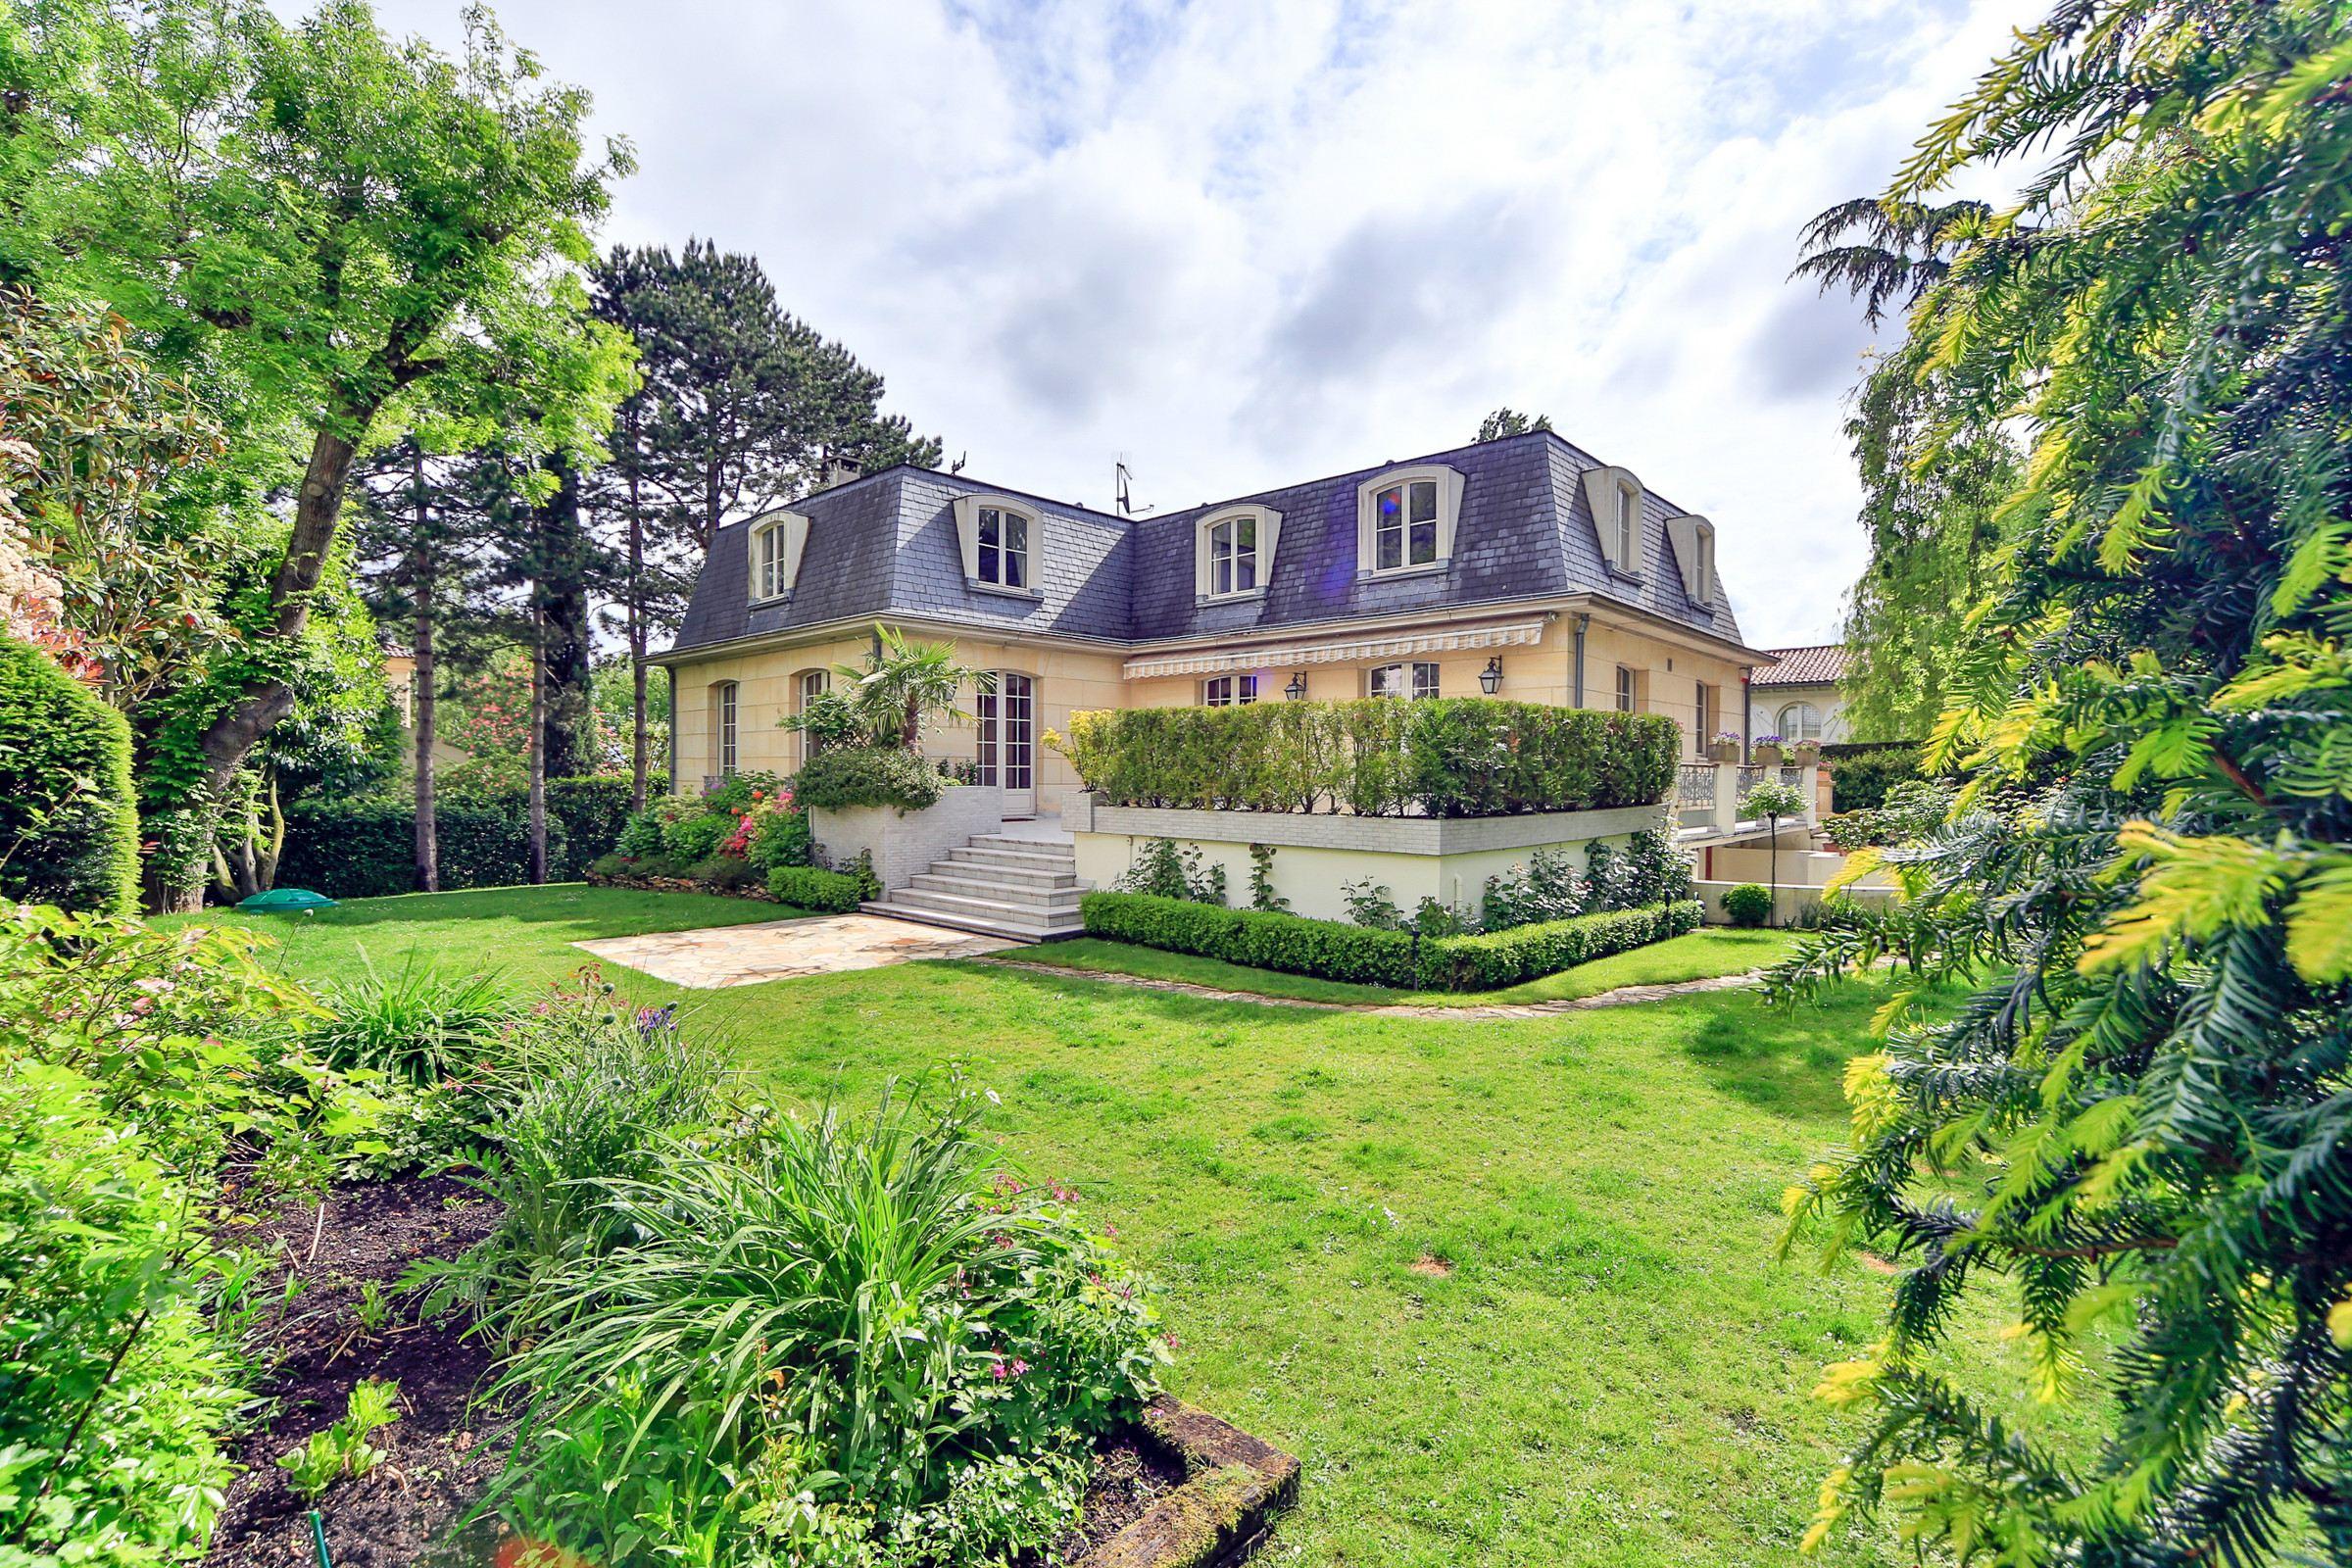 Property For Sale at Garches - Golf de St Cloud. A 380 sq.m Town House + a 1 300 sq.m land